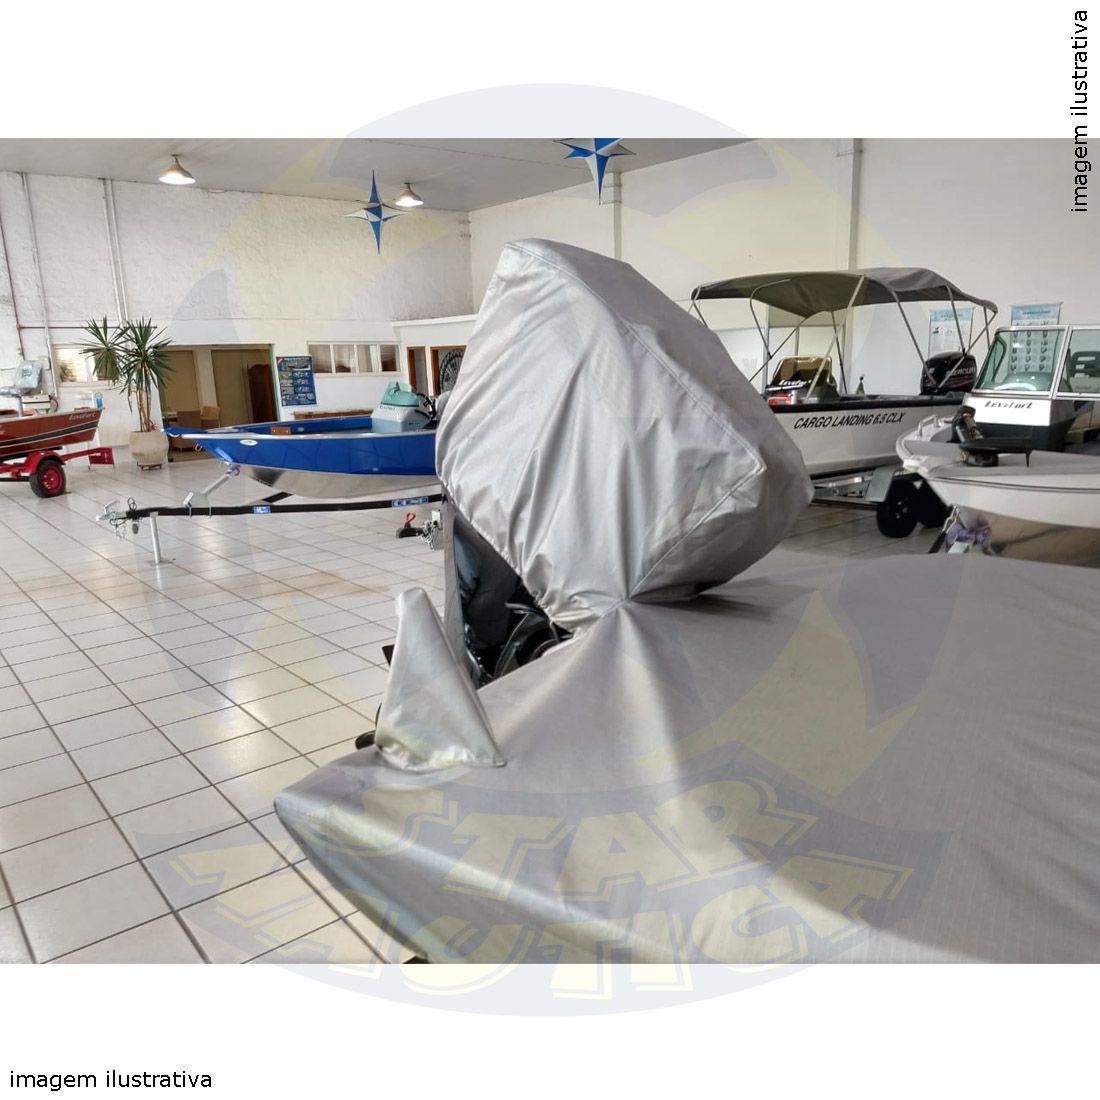 Capa Lona de Cobertura Lancha Apache 18 Pés Rionáutica Lona Metalizada